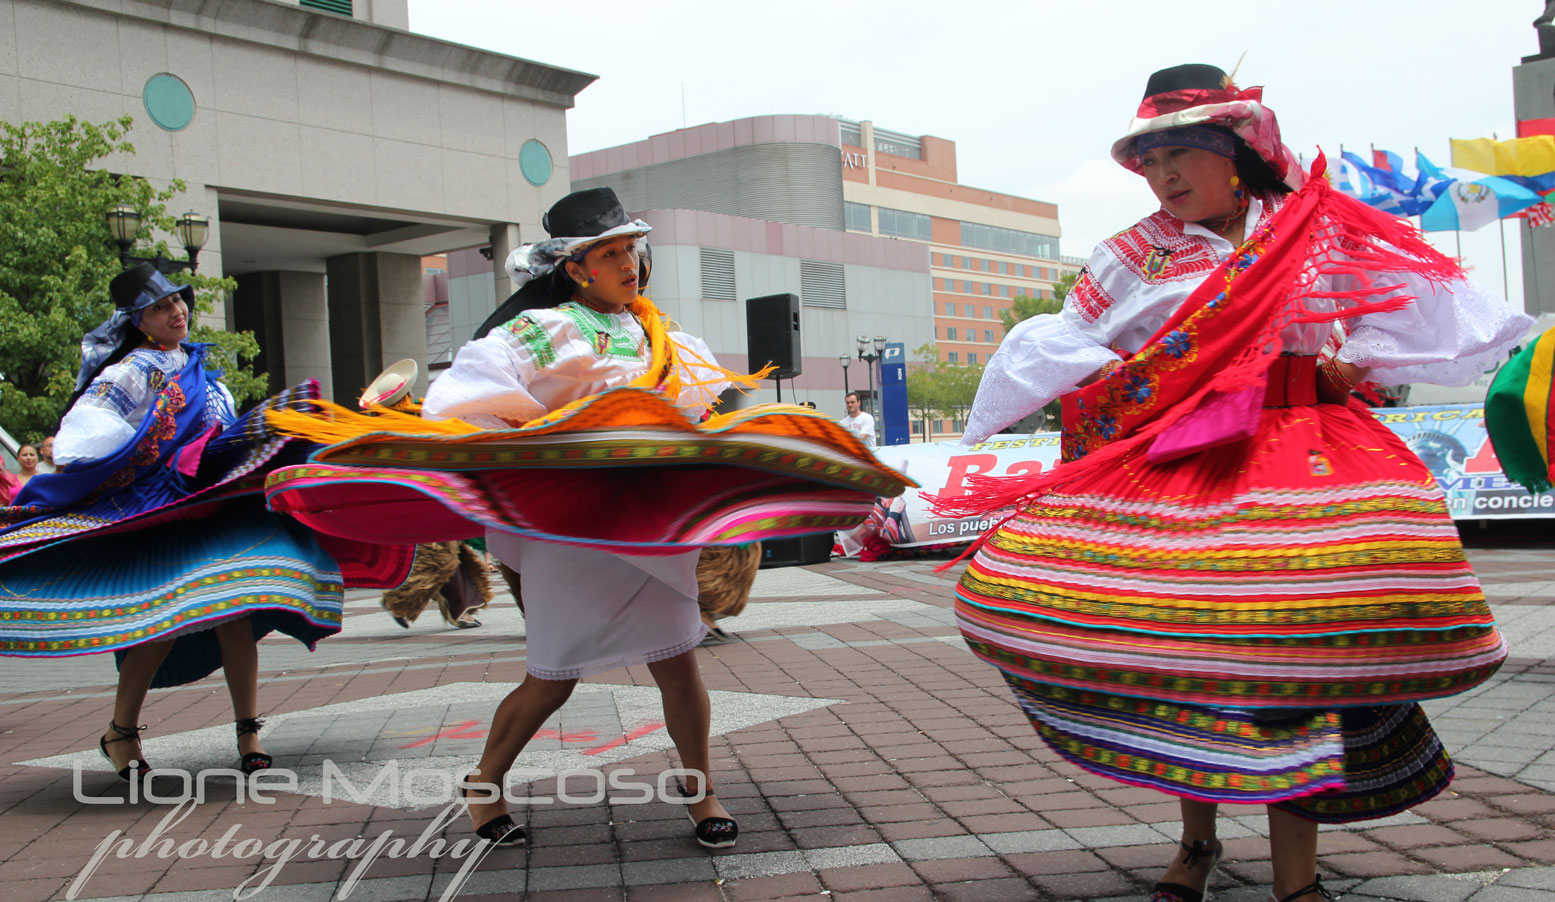 Muñecos Hechos De Papel Muestran Diversidad De Ecuador: Alegre Danzar